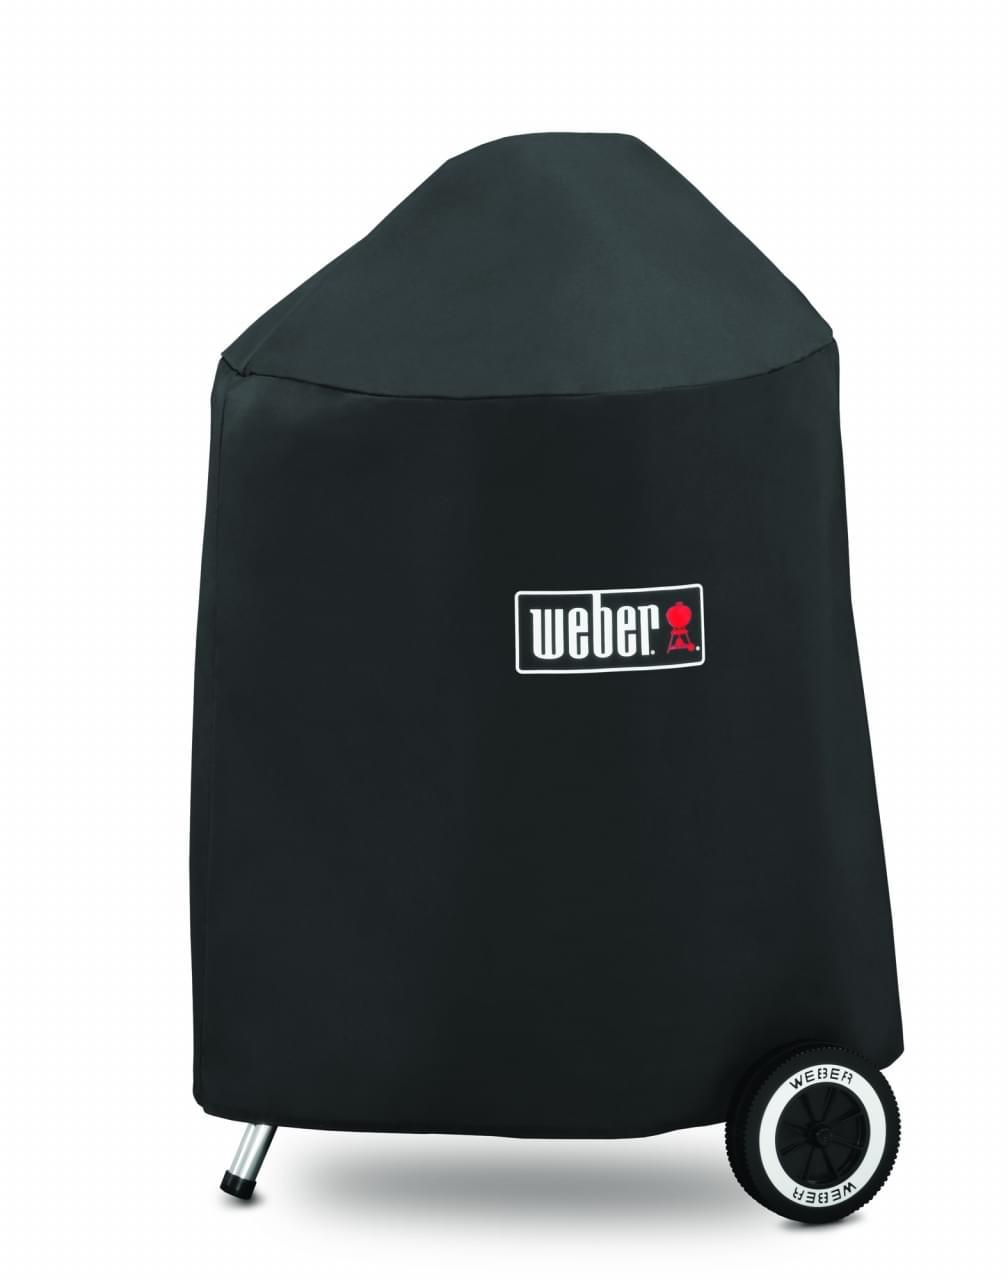 Weber Luxe Hoes houtskoolbarbecues 47cm